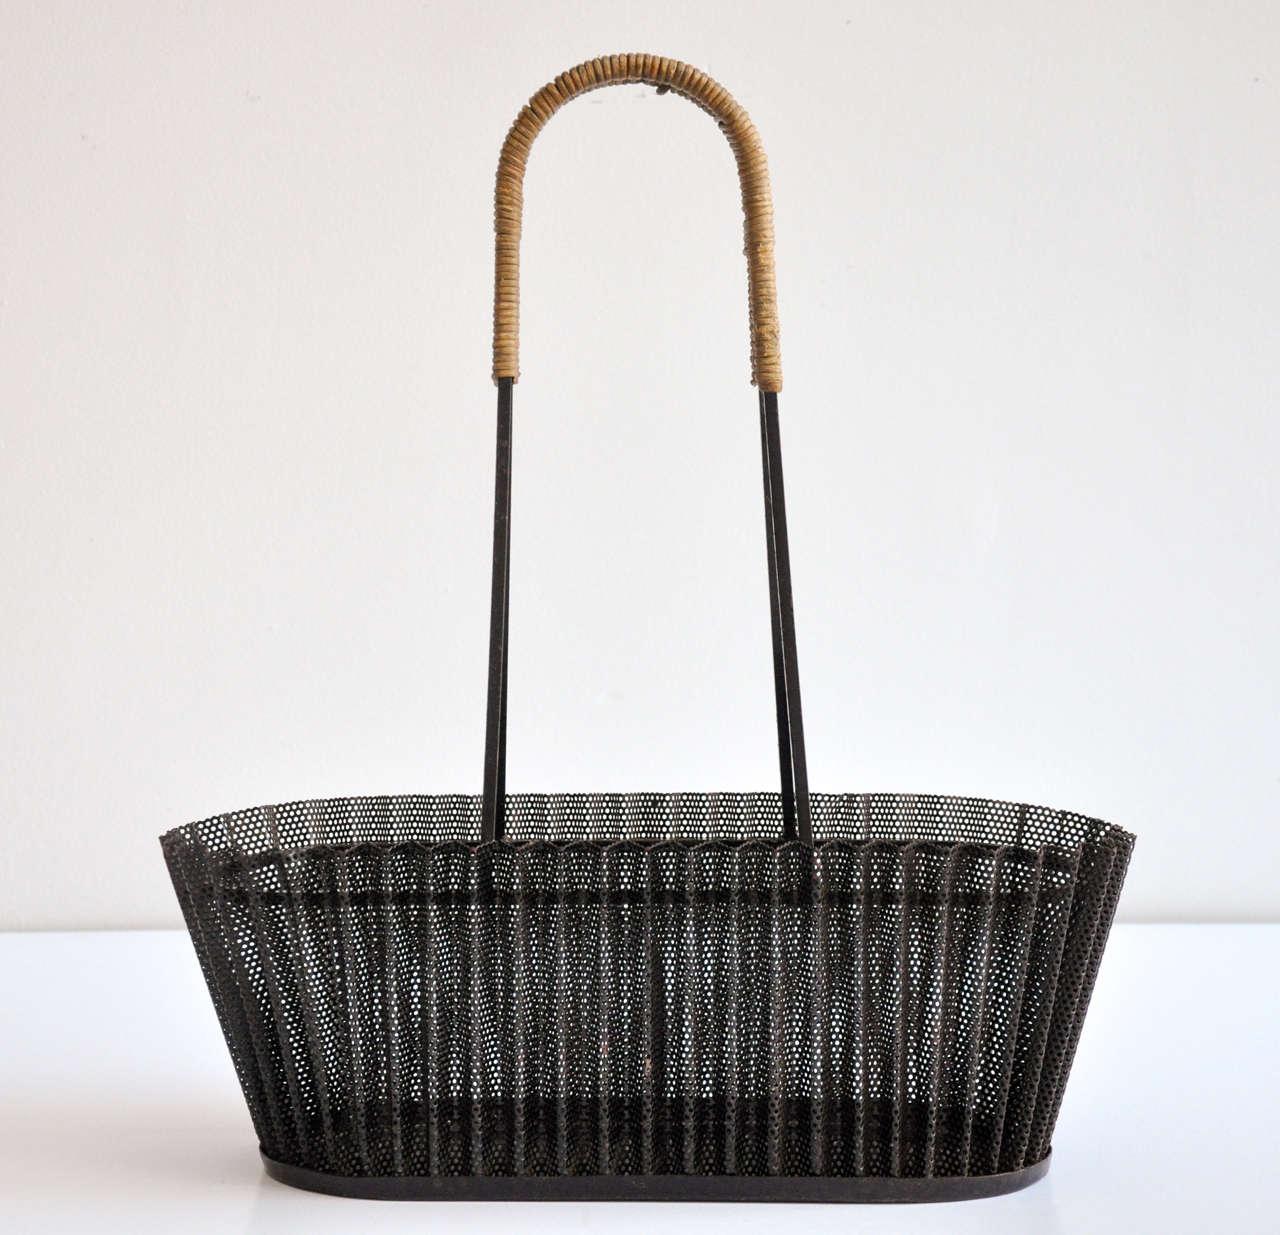 mathieu mategot rigitulle bottle holder at 1stdibs. Black Bedroom Furniture Sets. Home Design Ideas